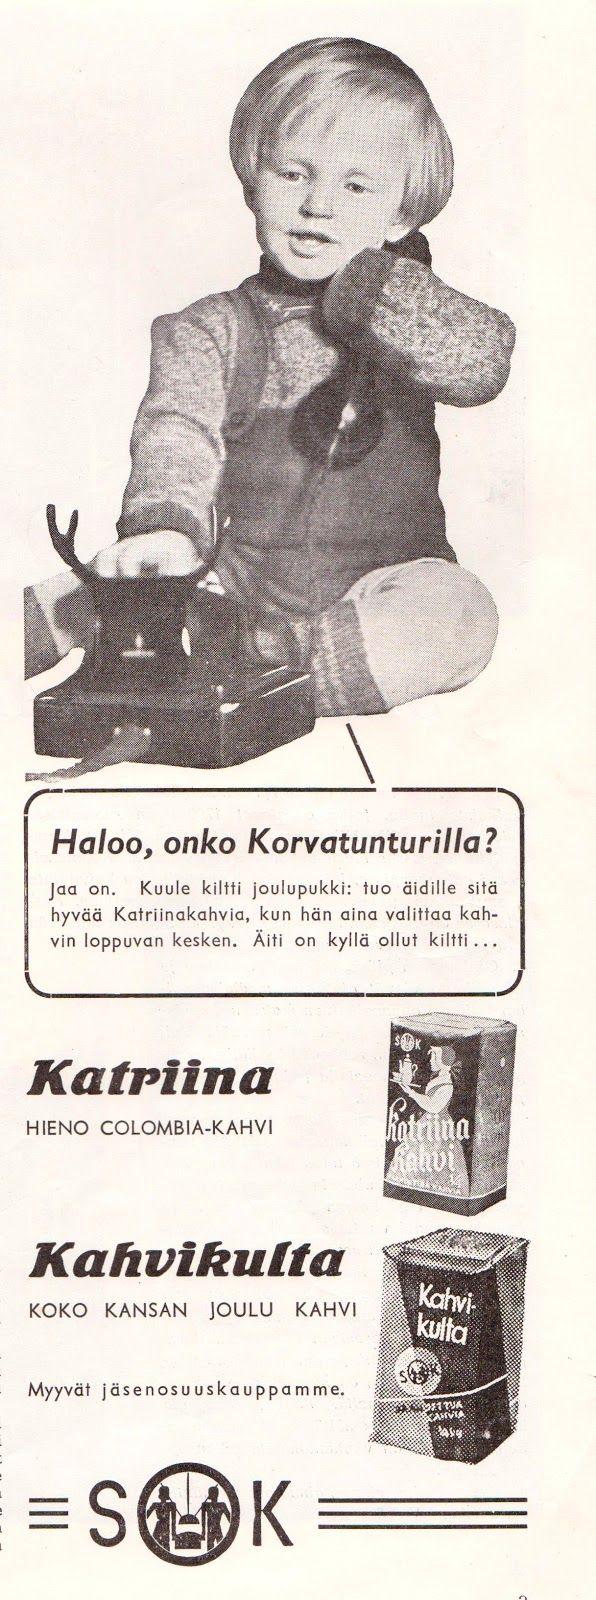 Kahvimainos 1949